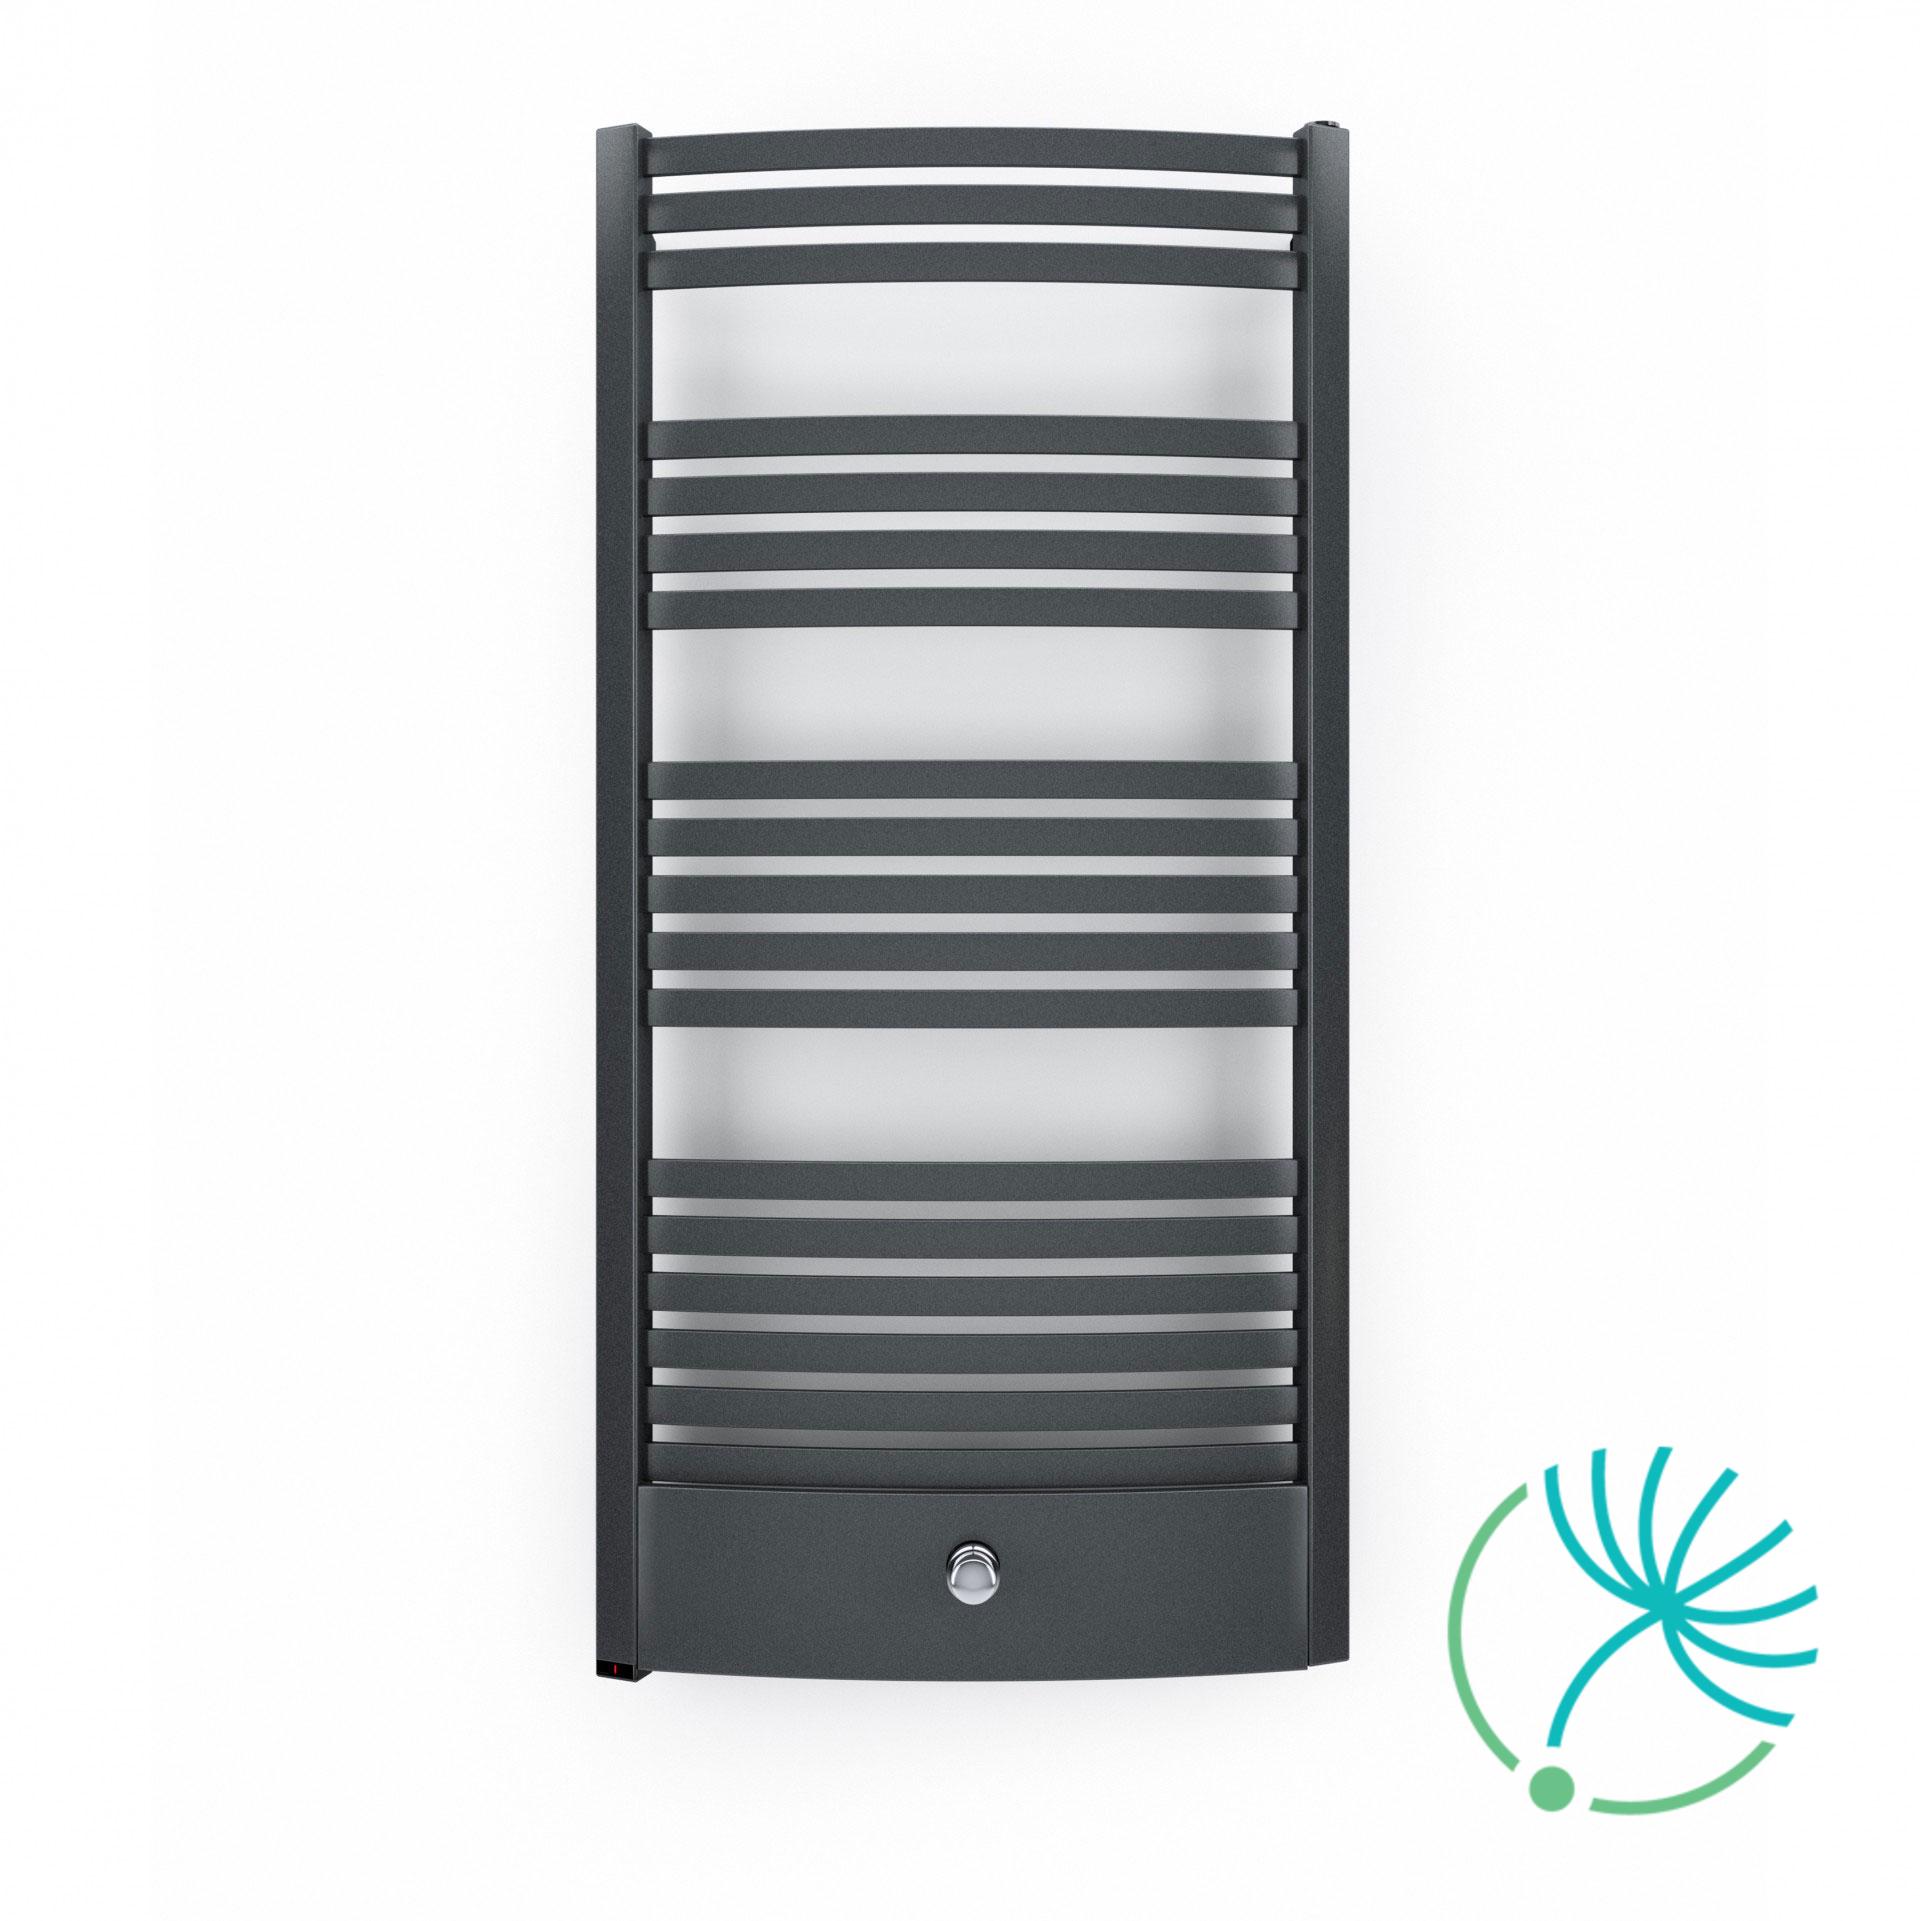 00a8c605a TERMA Dexter Pro ONE elektrický kúpeľňový radiátor   Dobrá Klíma